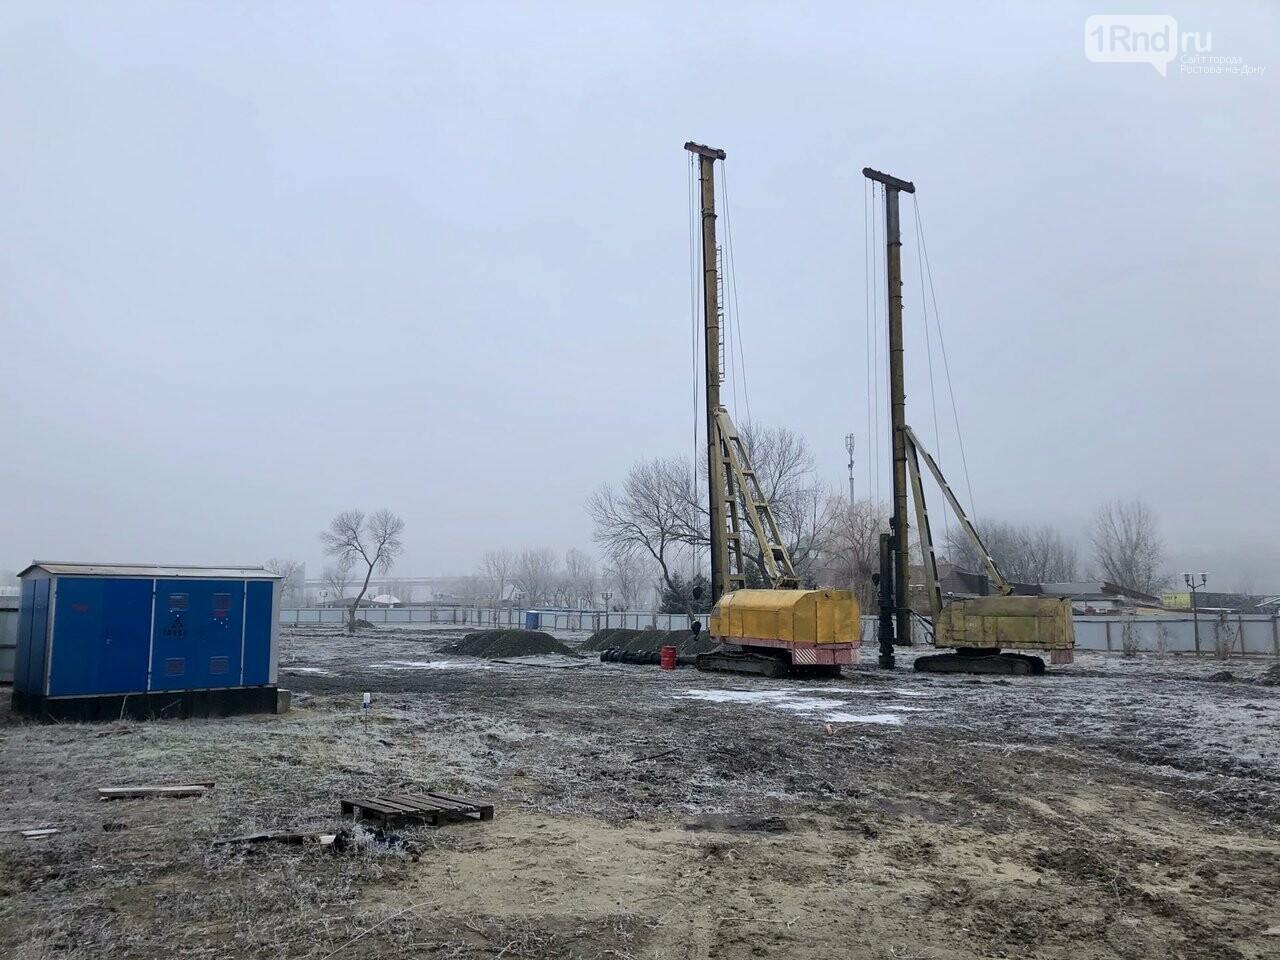 В Левобежном парке стратовало строительство парка аттракционов, 1rnd